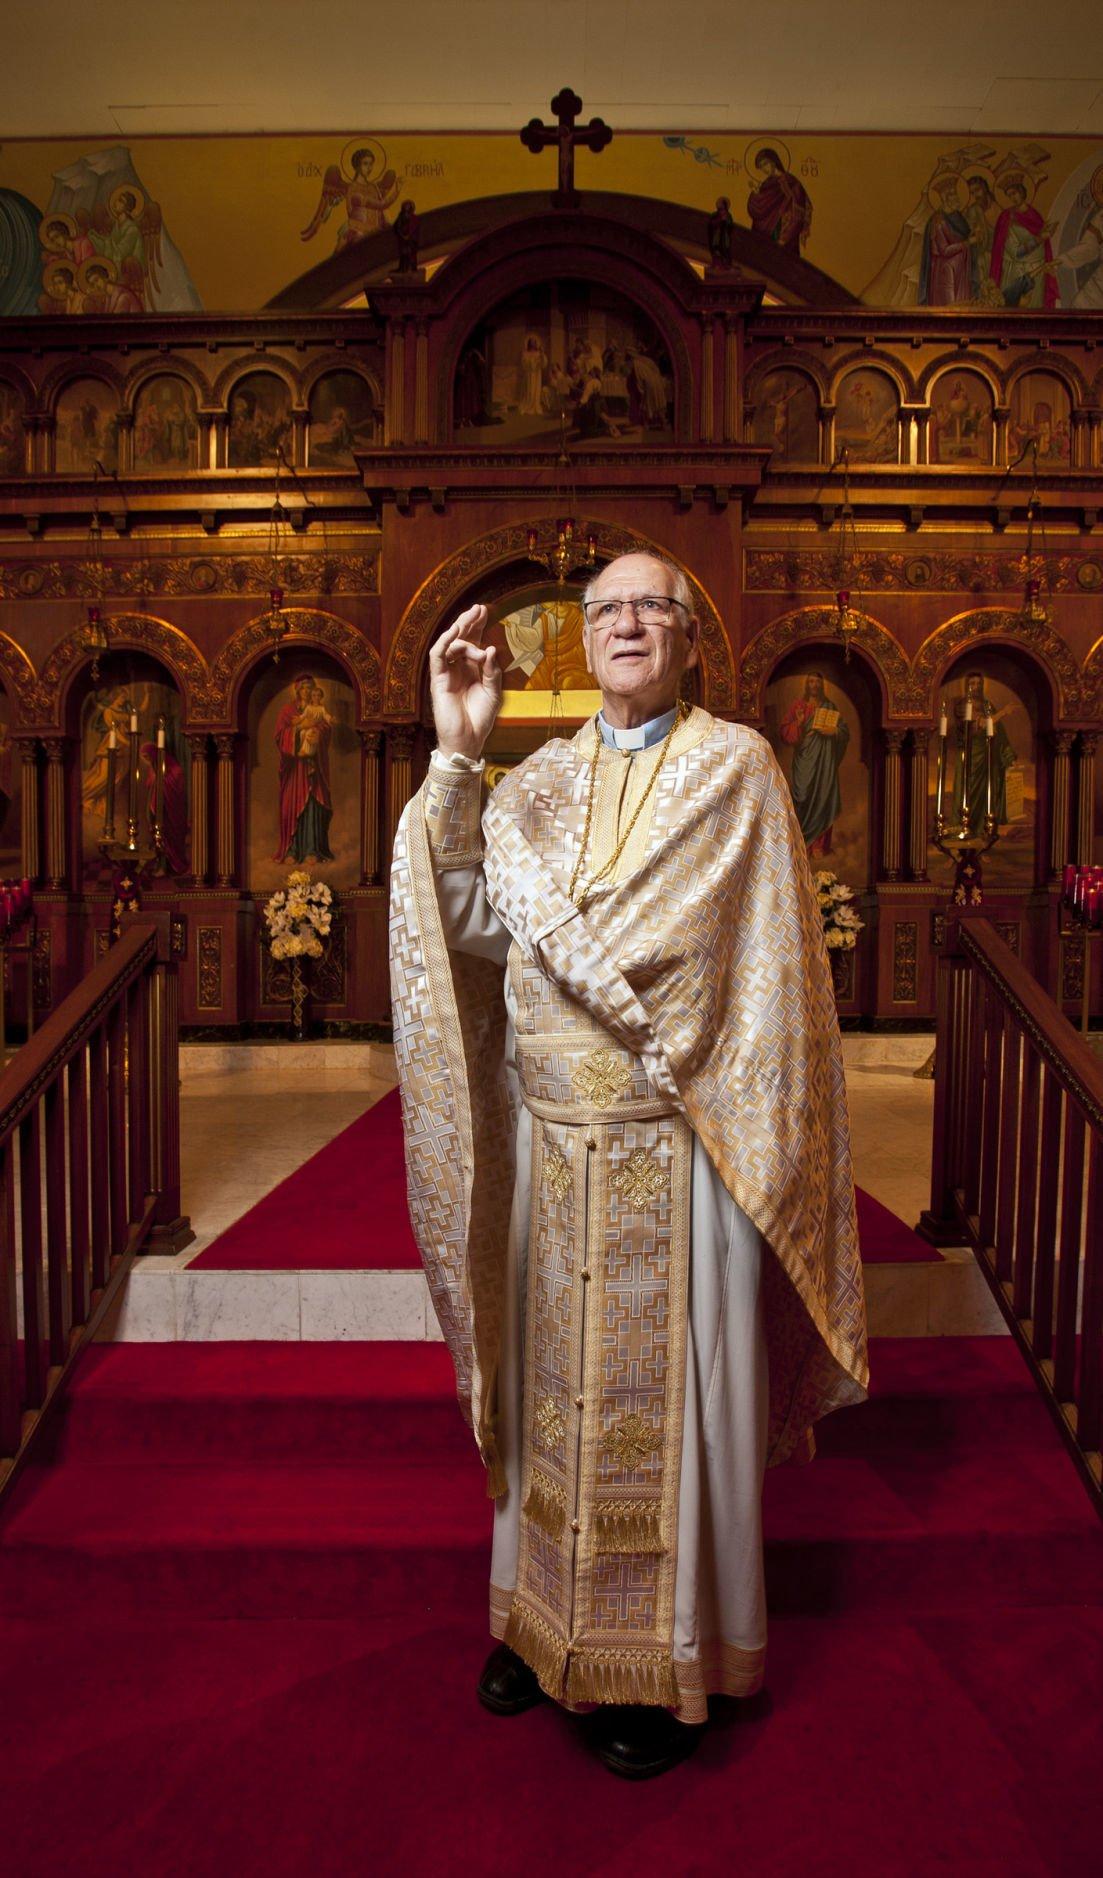 Father Demetri Kanglelaris